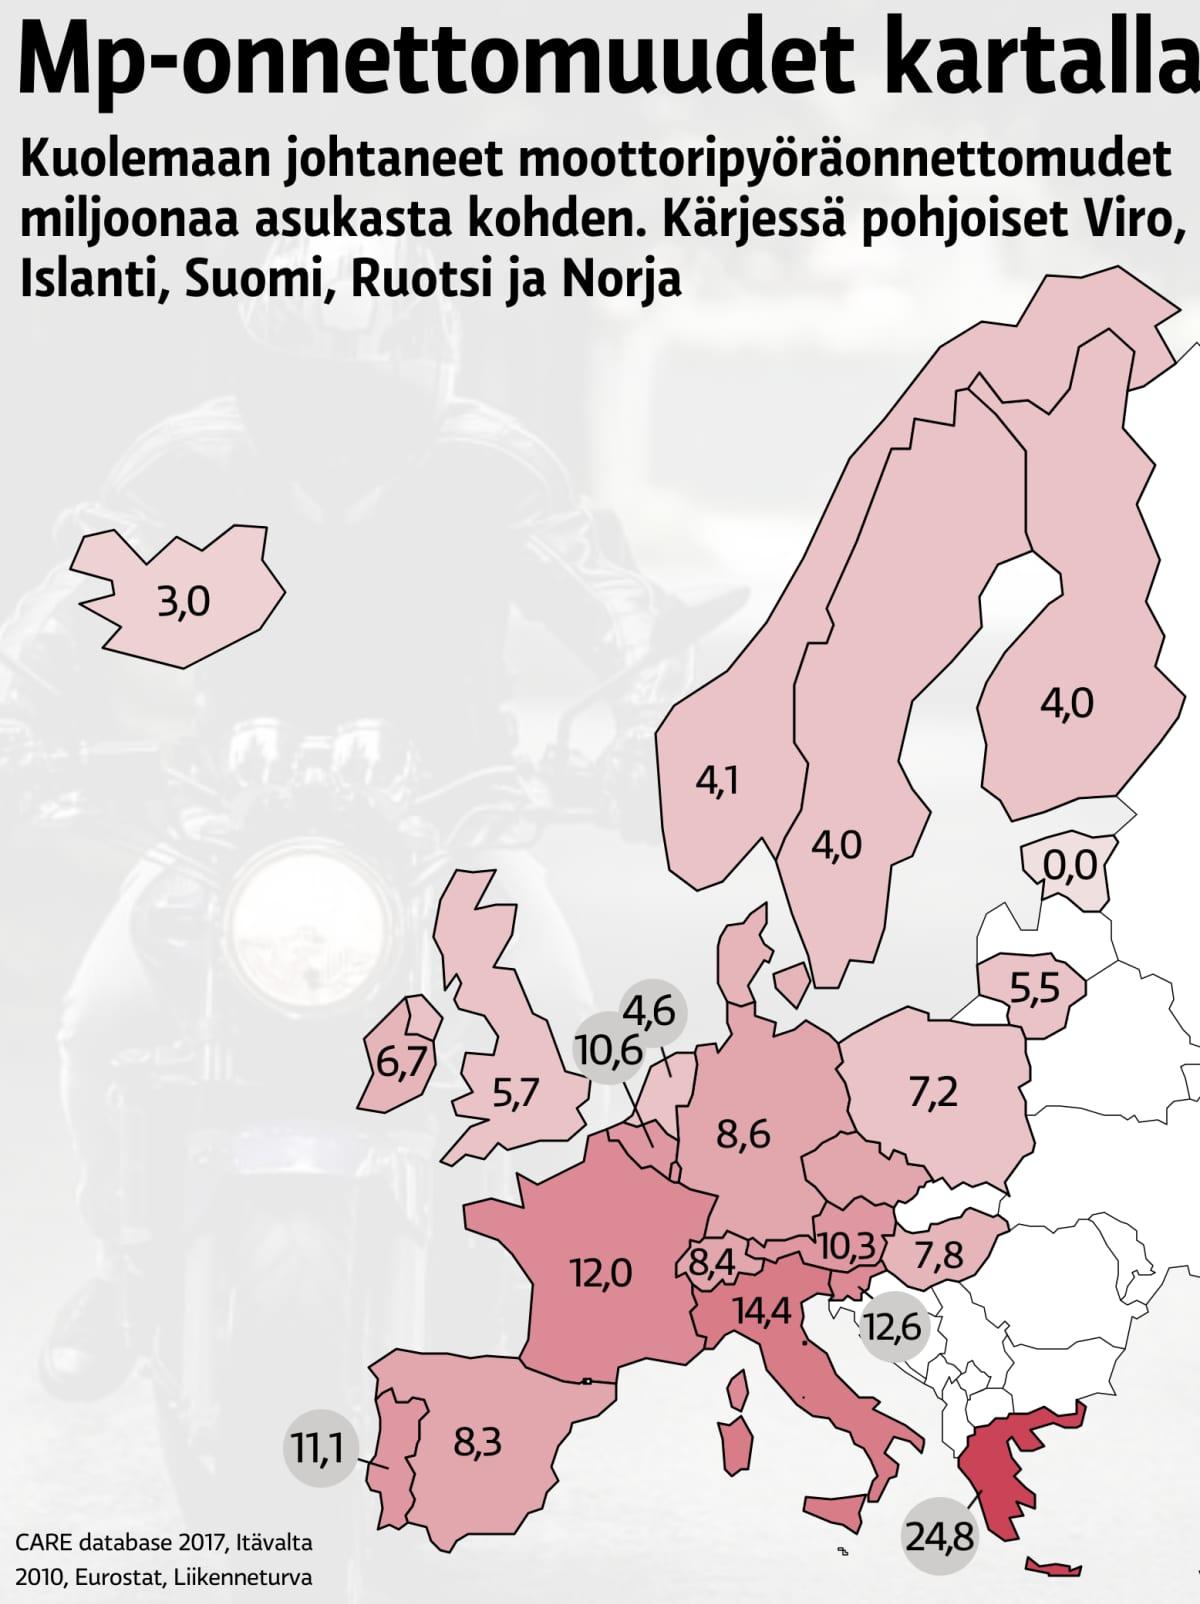 Kuolemaan johtaneet moottoripyöräonnettomuudet Euroopassa, miljoonaa asukasta kohden